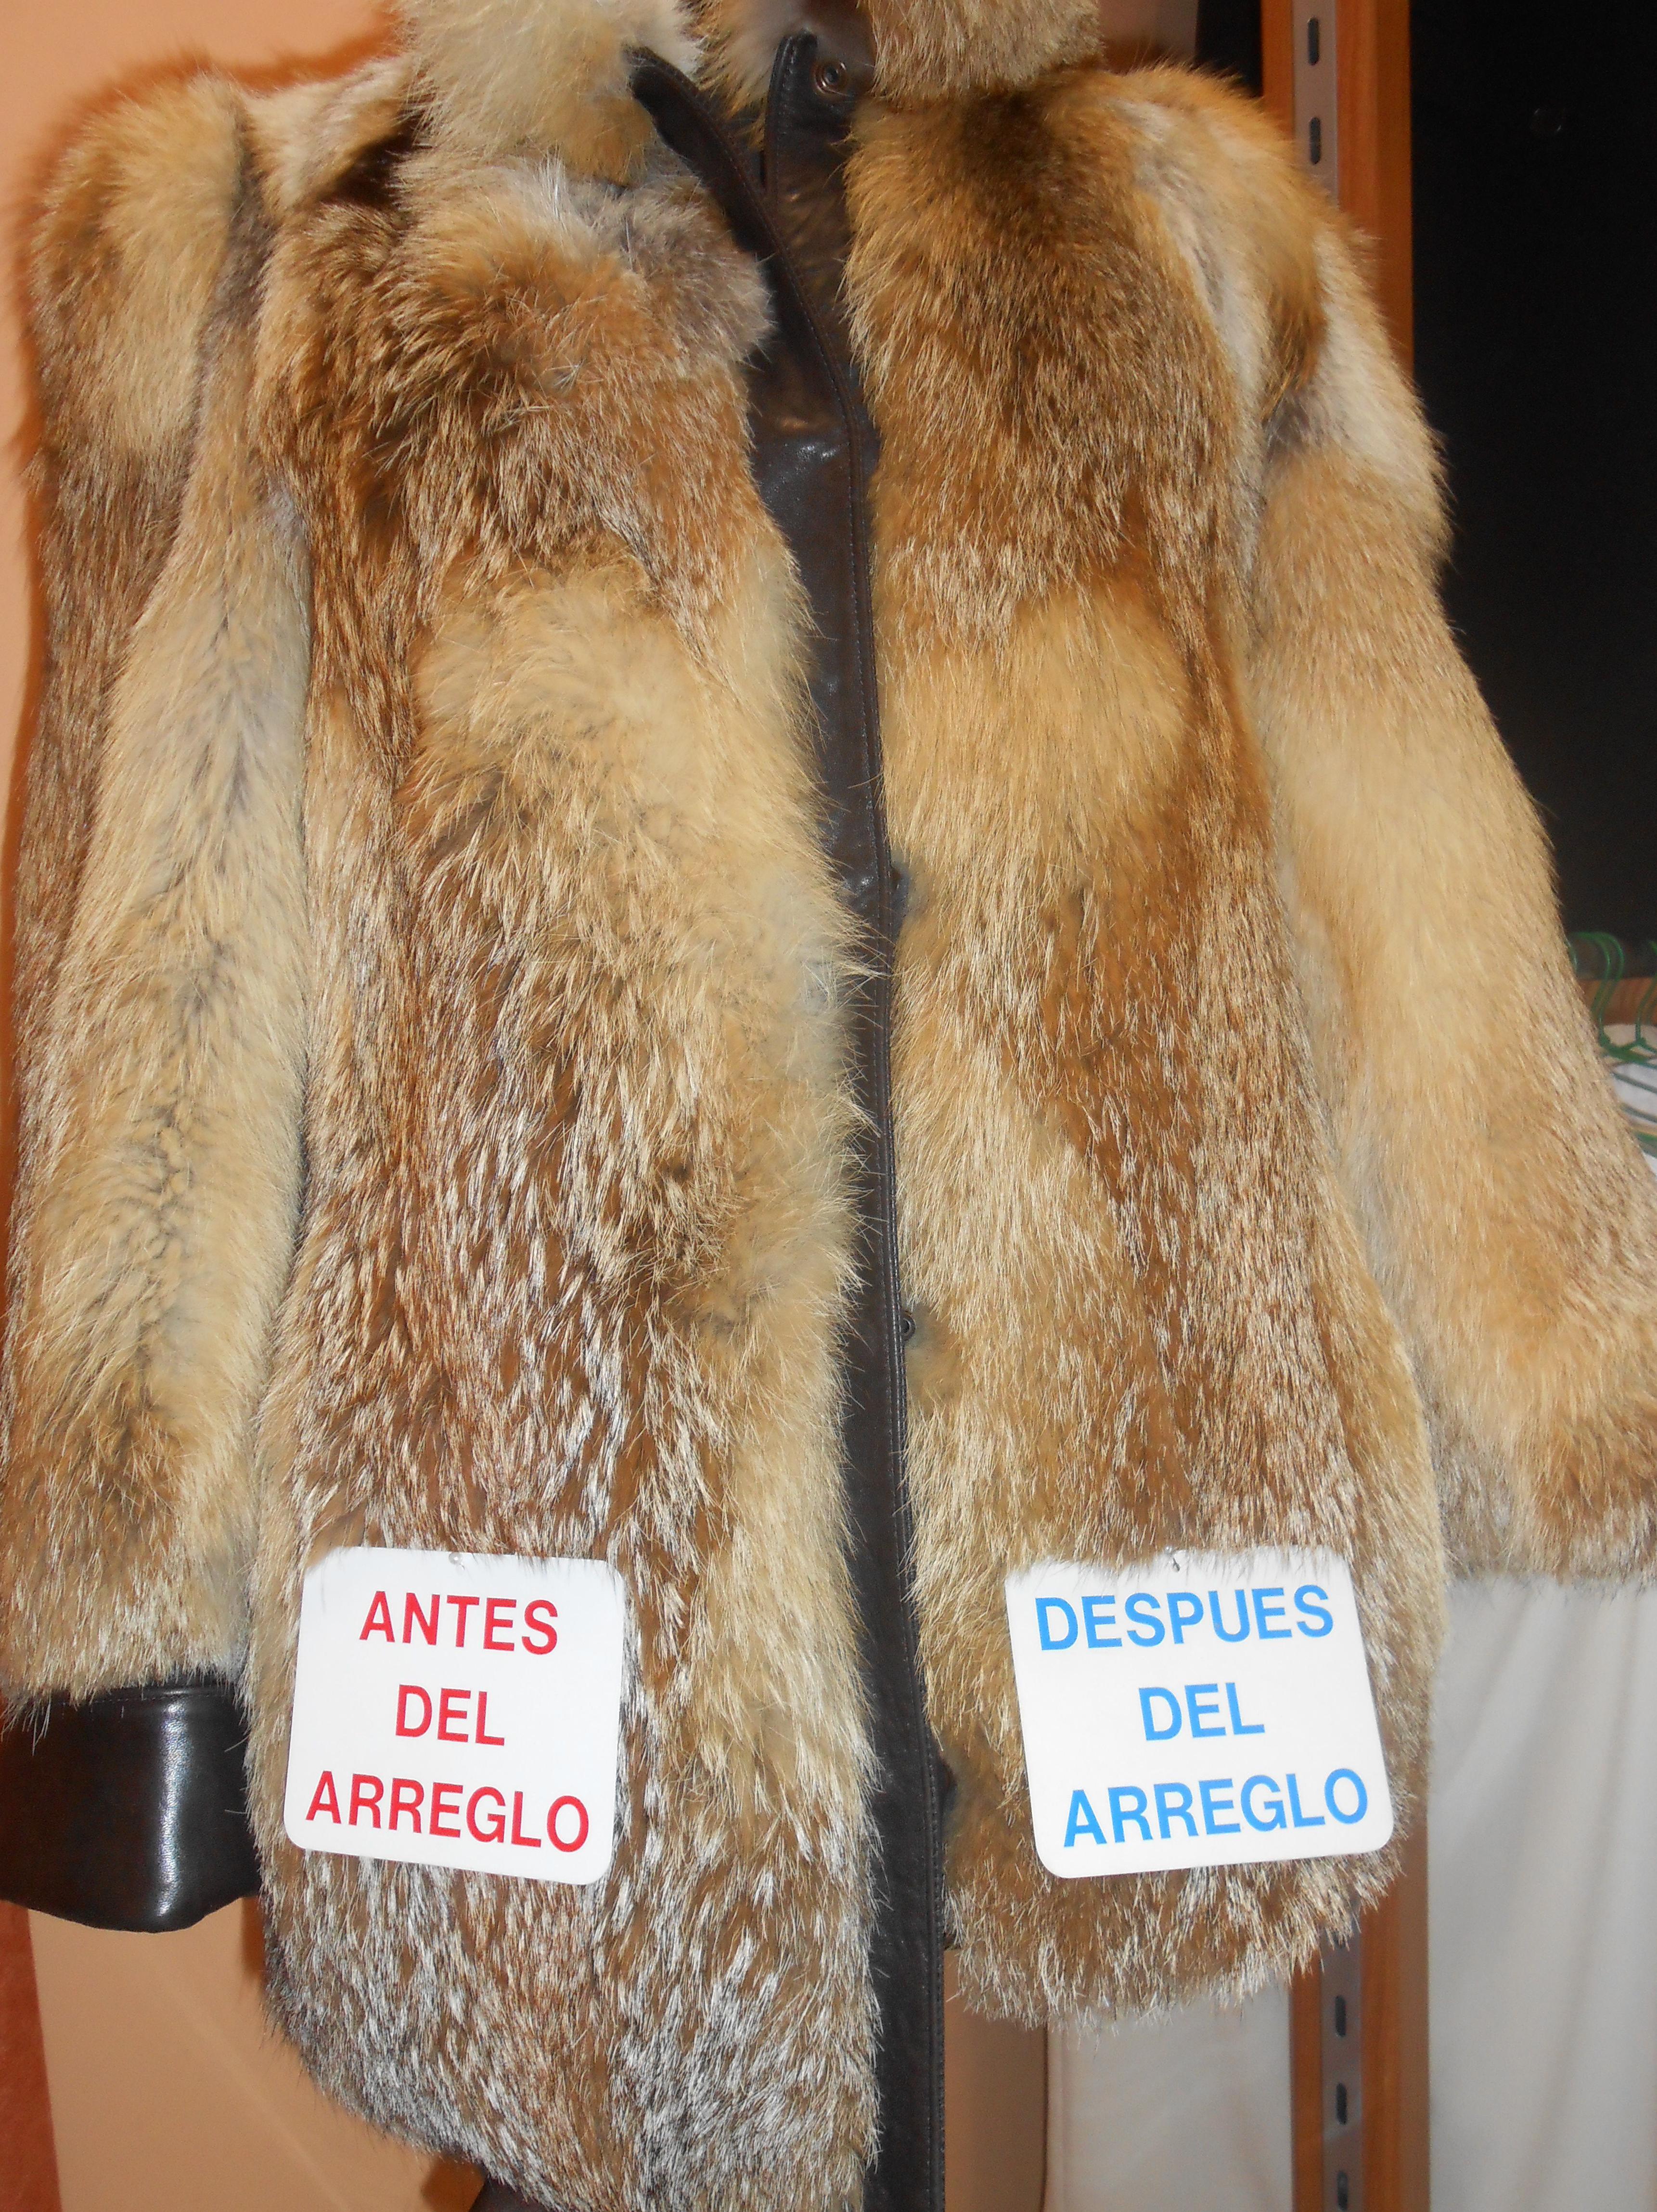 Foto 12 de Arreglos de ropa y piel en Zaragoza | Arreglos Vistebién